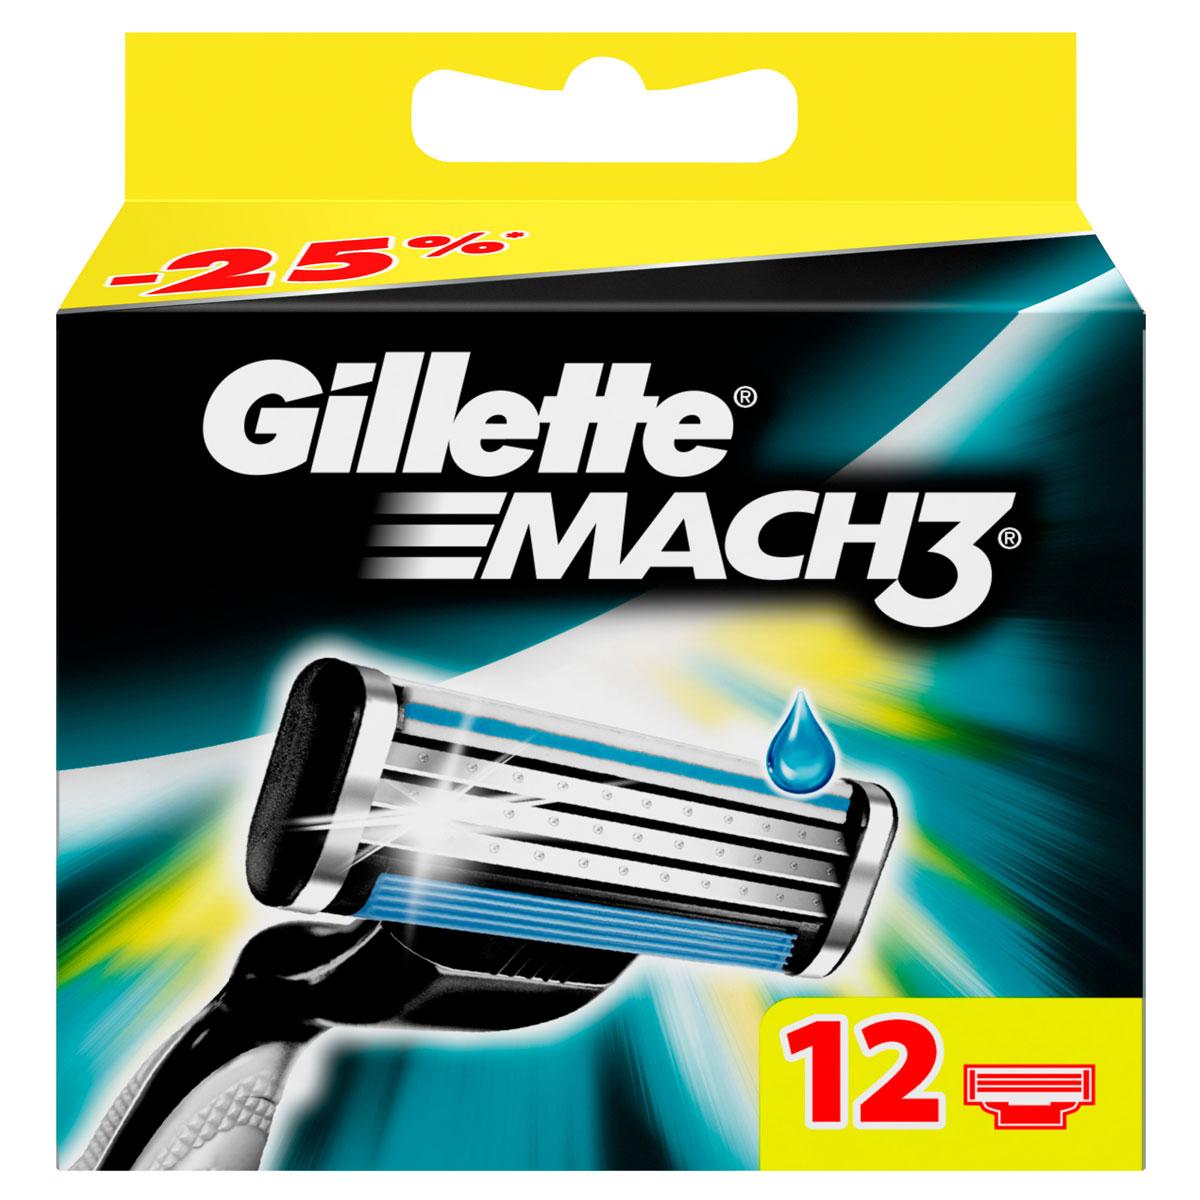 Сменные кассеты для бритья Gillette Mach 3, 12 шт.MAG-81358626Даже 10-ое бритье Mach3 комфортнее 1-го одноразовой бритвойПочувствуйте исключительную эффективность Mach3! Это бритва включает в себя гелевую полоску, которая способствует скольжению и защищает кожу от покраснения, также полоска исчезает, когда кассету пора менять. Плавающая головка обеспечивает тесный контакт лезвий с кожей, удобная ручка адаптируется к контурам лица для более легкого и комфортного бритья (по сравнению с одноразовыми бритвенными станками Blueell Plus). Даже после десятого использования бритвы ощущения более приятные, чем от одноразовых станков (по сравнению с одноразовыми станками для бритья Bluell Plus).По сравнению с Gillette BlueII PlusСрок хранения - 5 лет.Характеристики:Материал: пластик, металл. Количество в упаковке: 12 шт. Товар сертифицирован.Состав смазывающей полоски: PEG-115M, PEG-7M, PEG-100, BHT, TOCOPHERYL ACETATE.